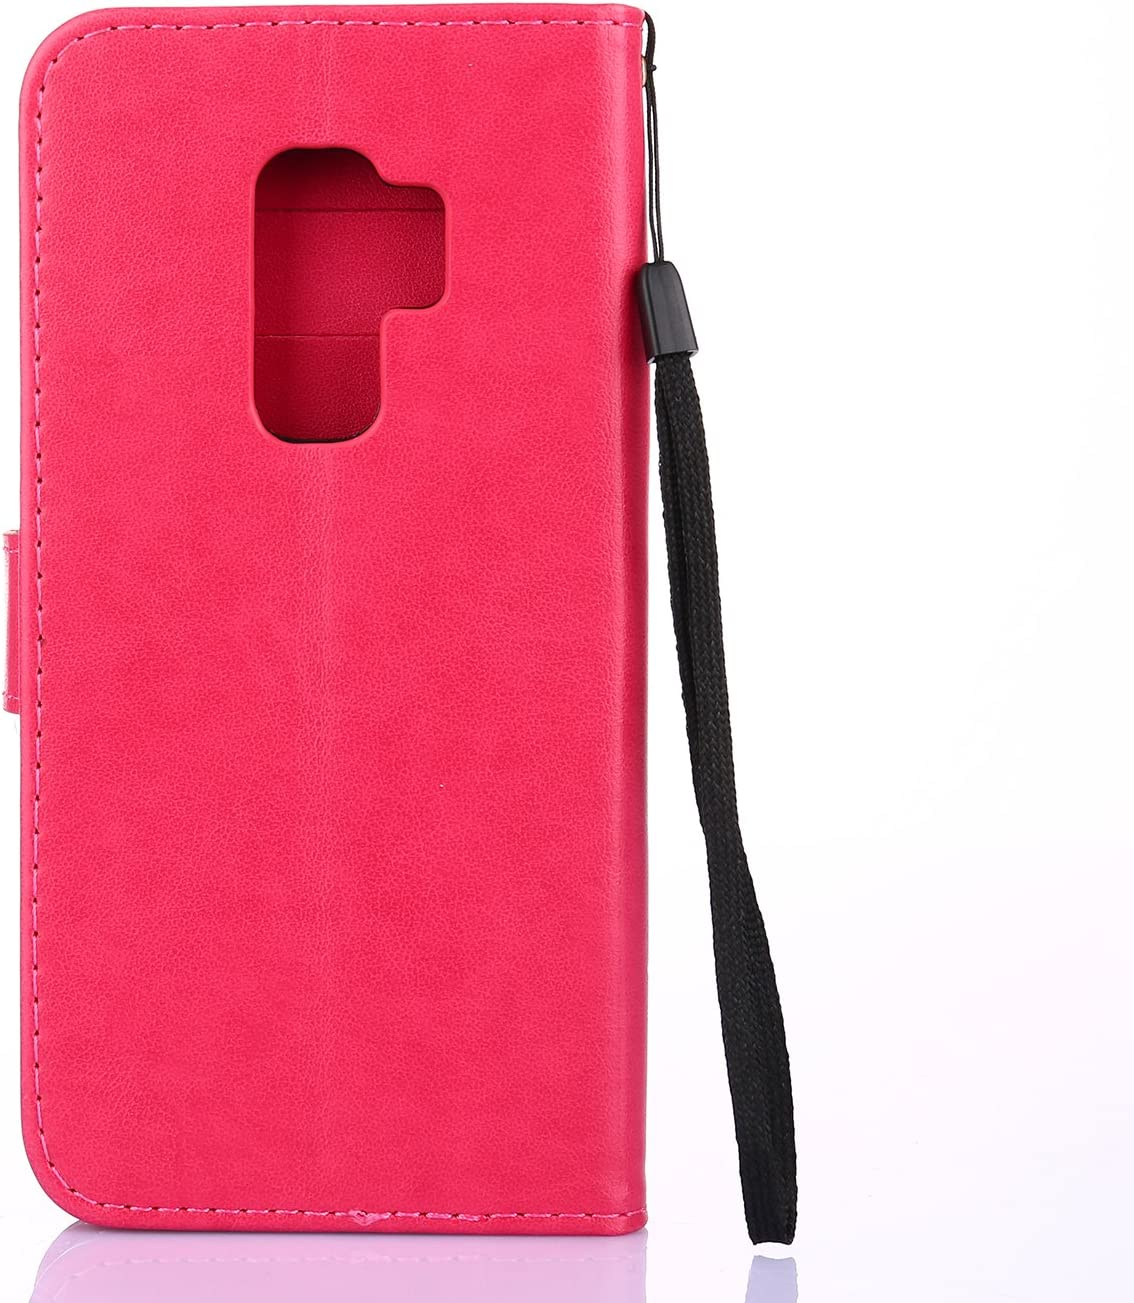 Herbests Coque en Cuir pour Galaxy S9 Coque /à Rabat Magn/étique Housse de Protection Ultra-Mince Slim-fit Anti Choc Coque avec Papillon Motif et Porte-Cartes,Gris